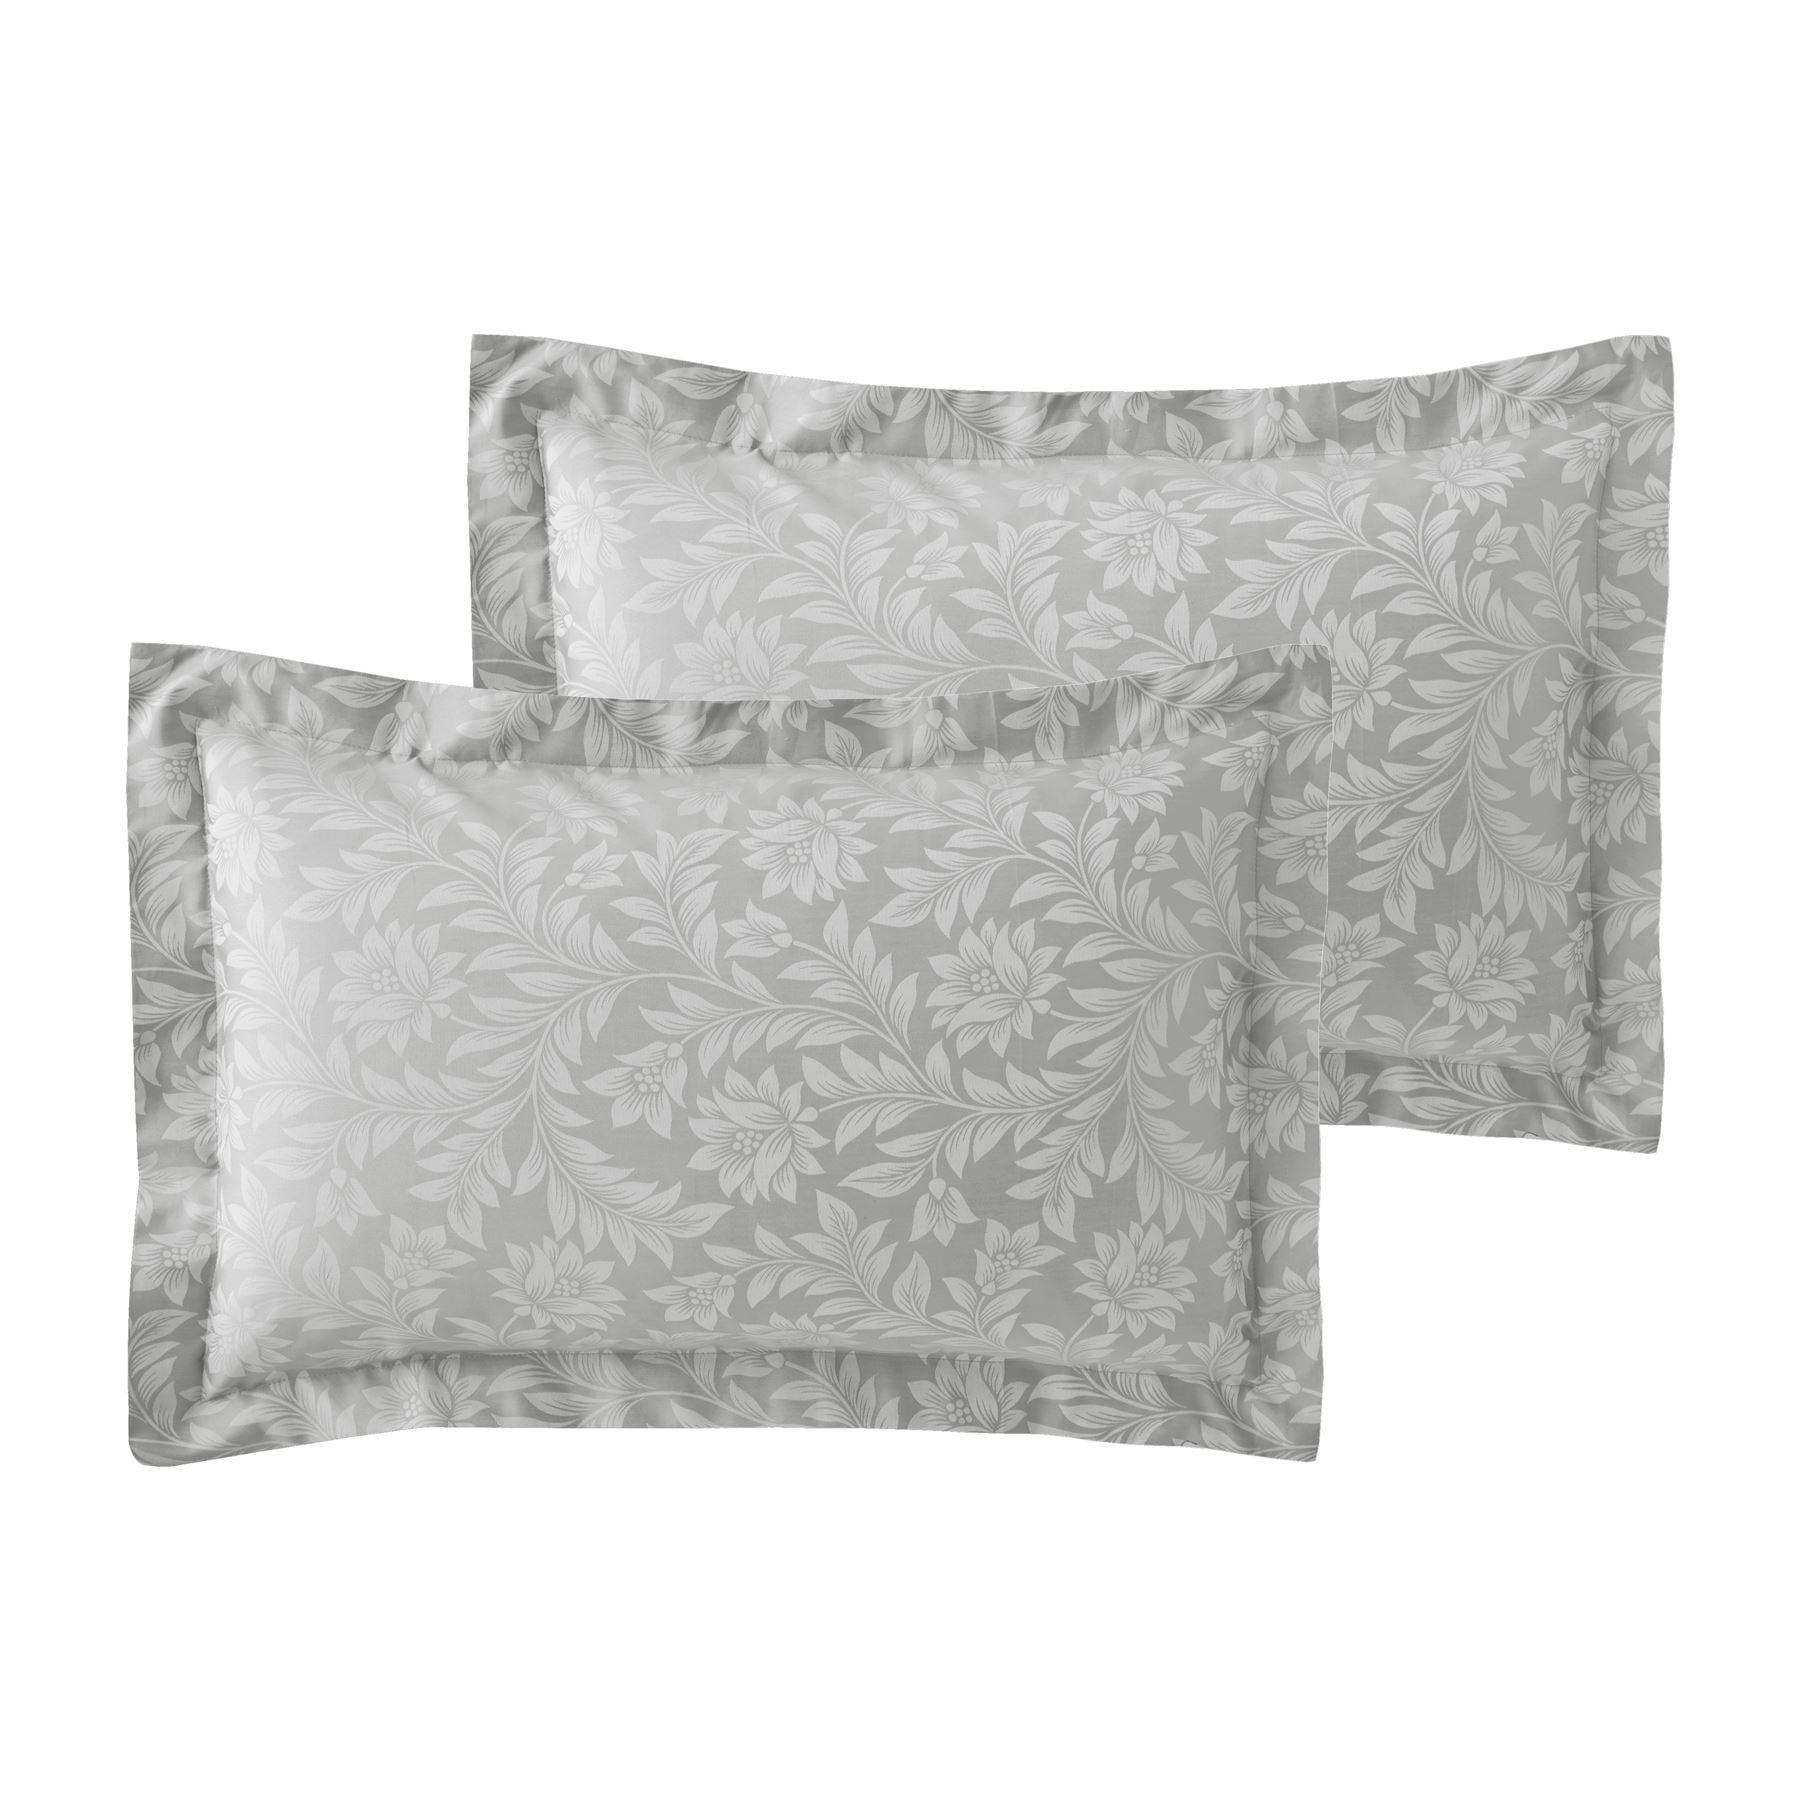 Jacquard-600-Hilos-De-Algodon-Rico-Floral-Duvet-Cover-Set-Fundas-de-almohada-Oxford miniatura 31